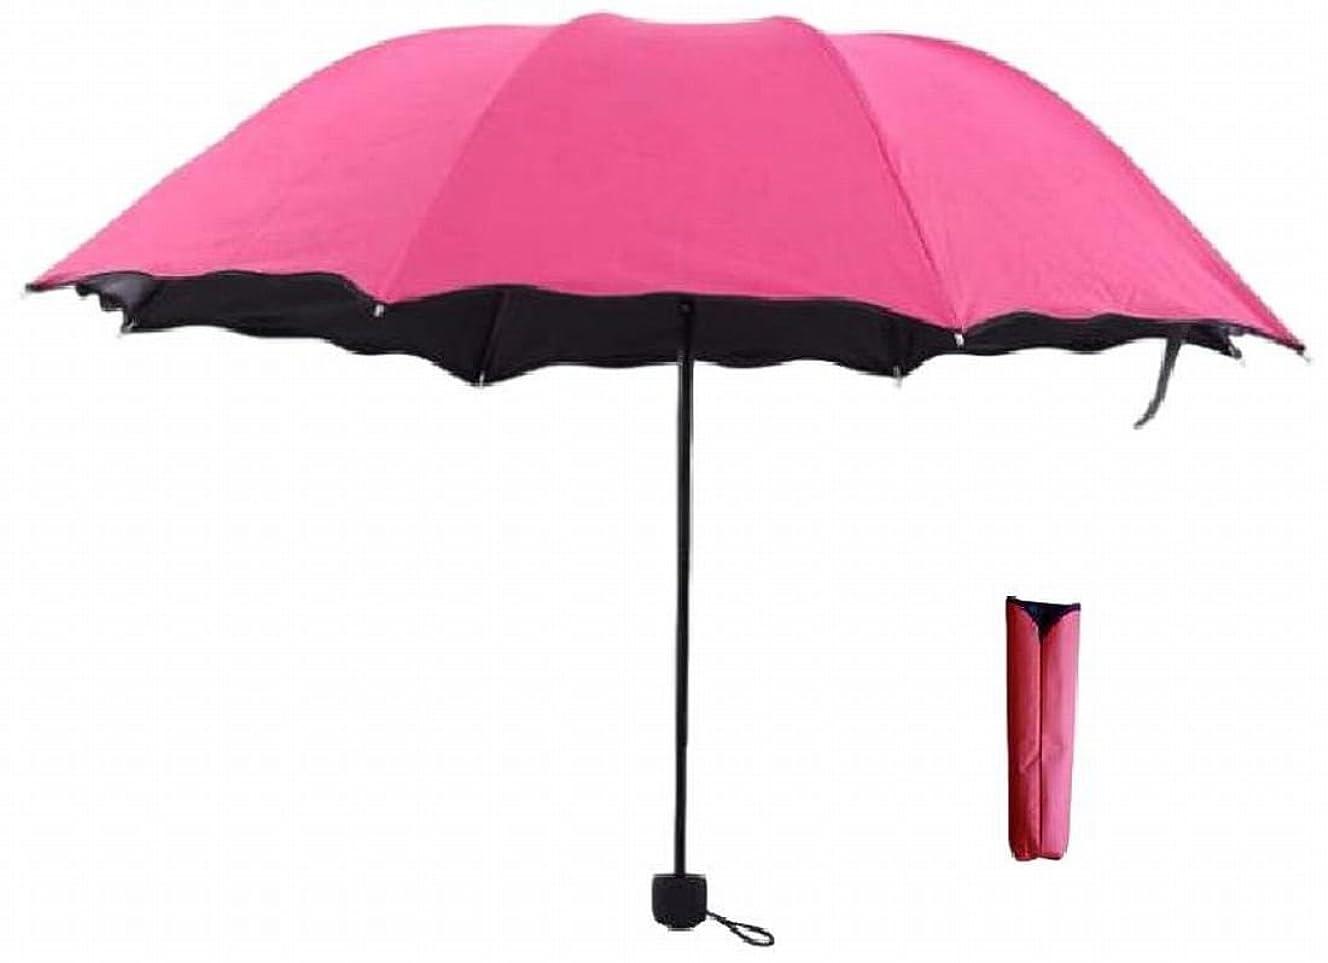 (TERA Dream) 3段折 折りたたみ 傘 晴雨兼用 雨で模様が浮き出る 遮光 遮UV コンパクト 携帯 撥水 UV対策 収納ケース付 レディース